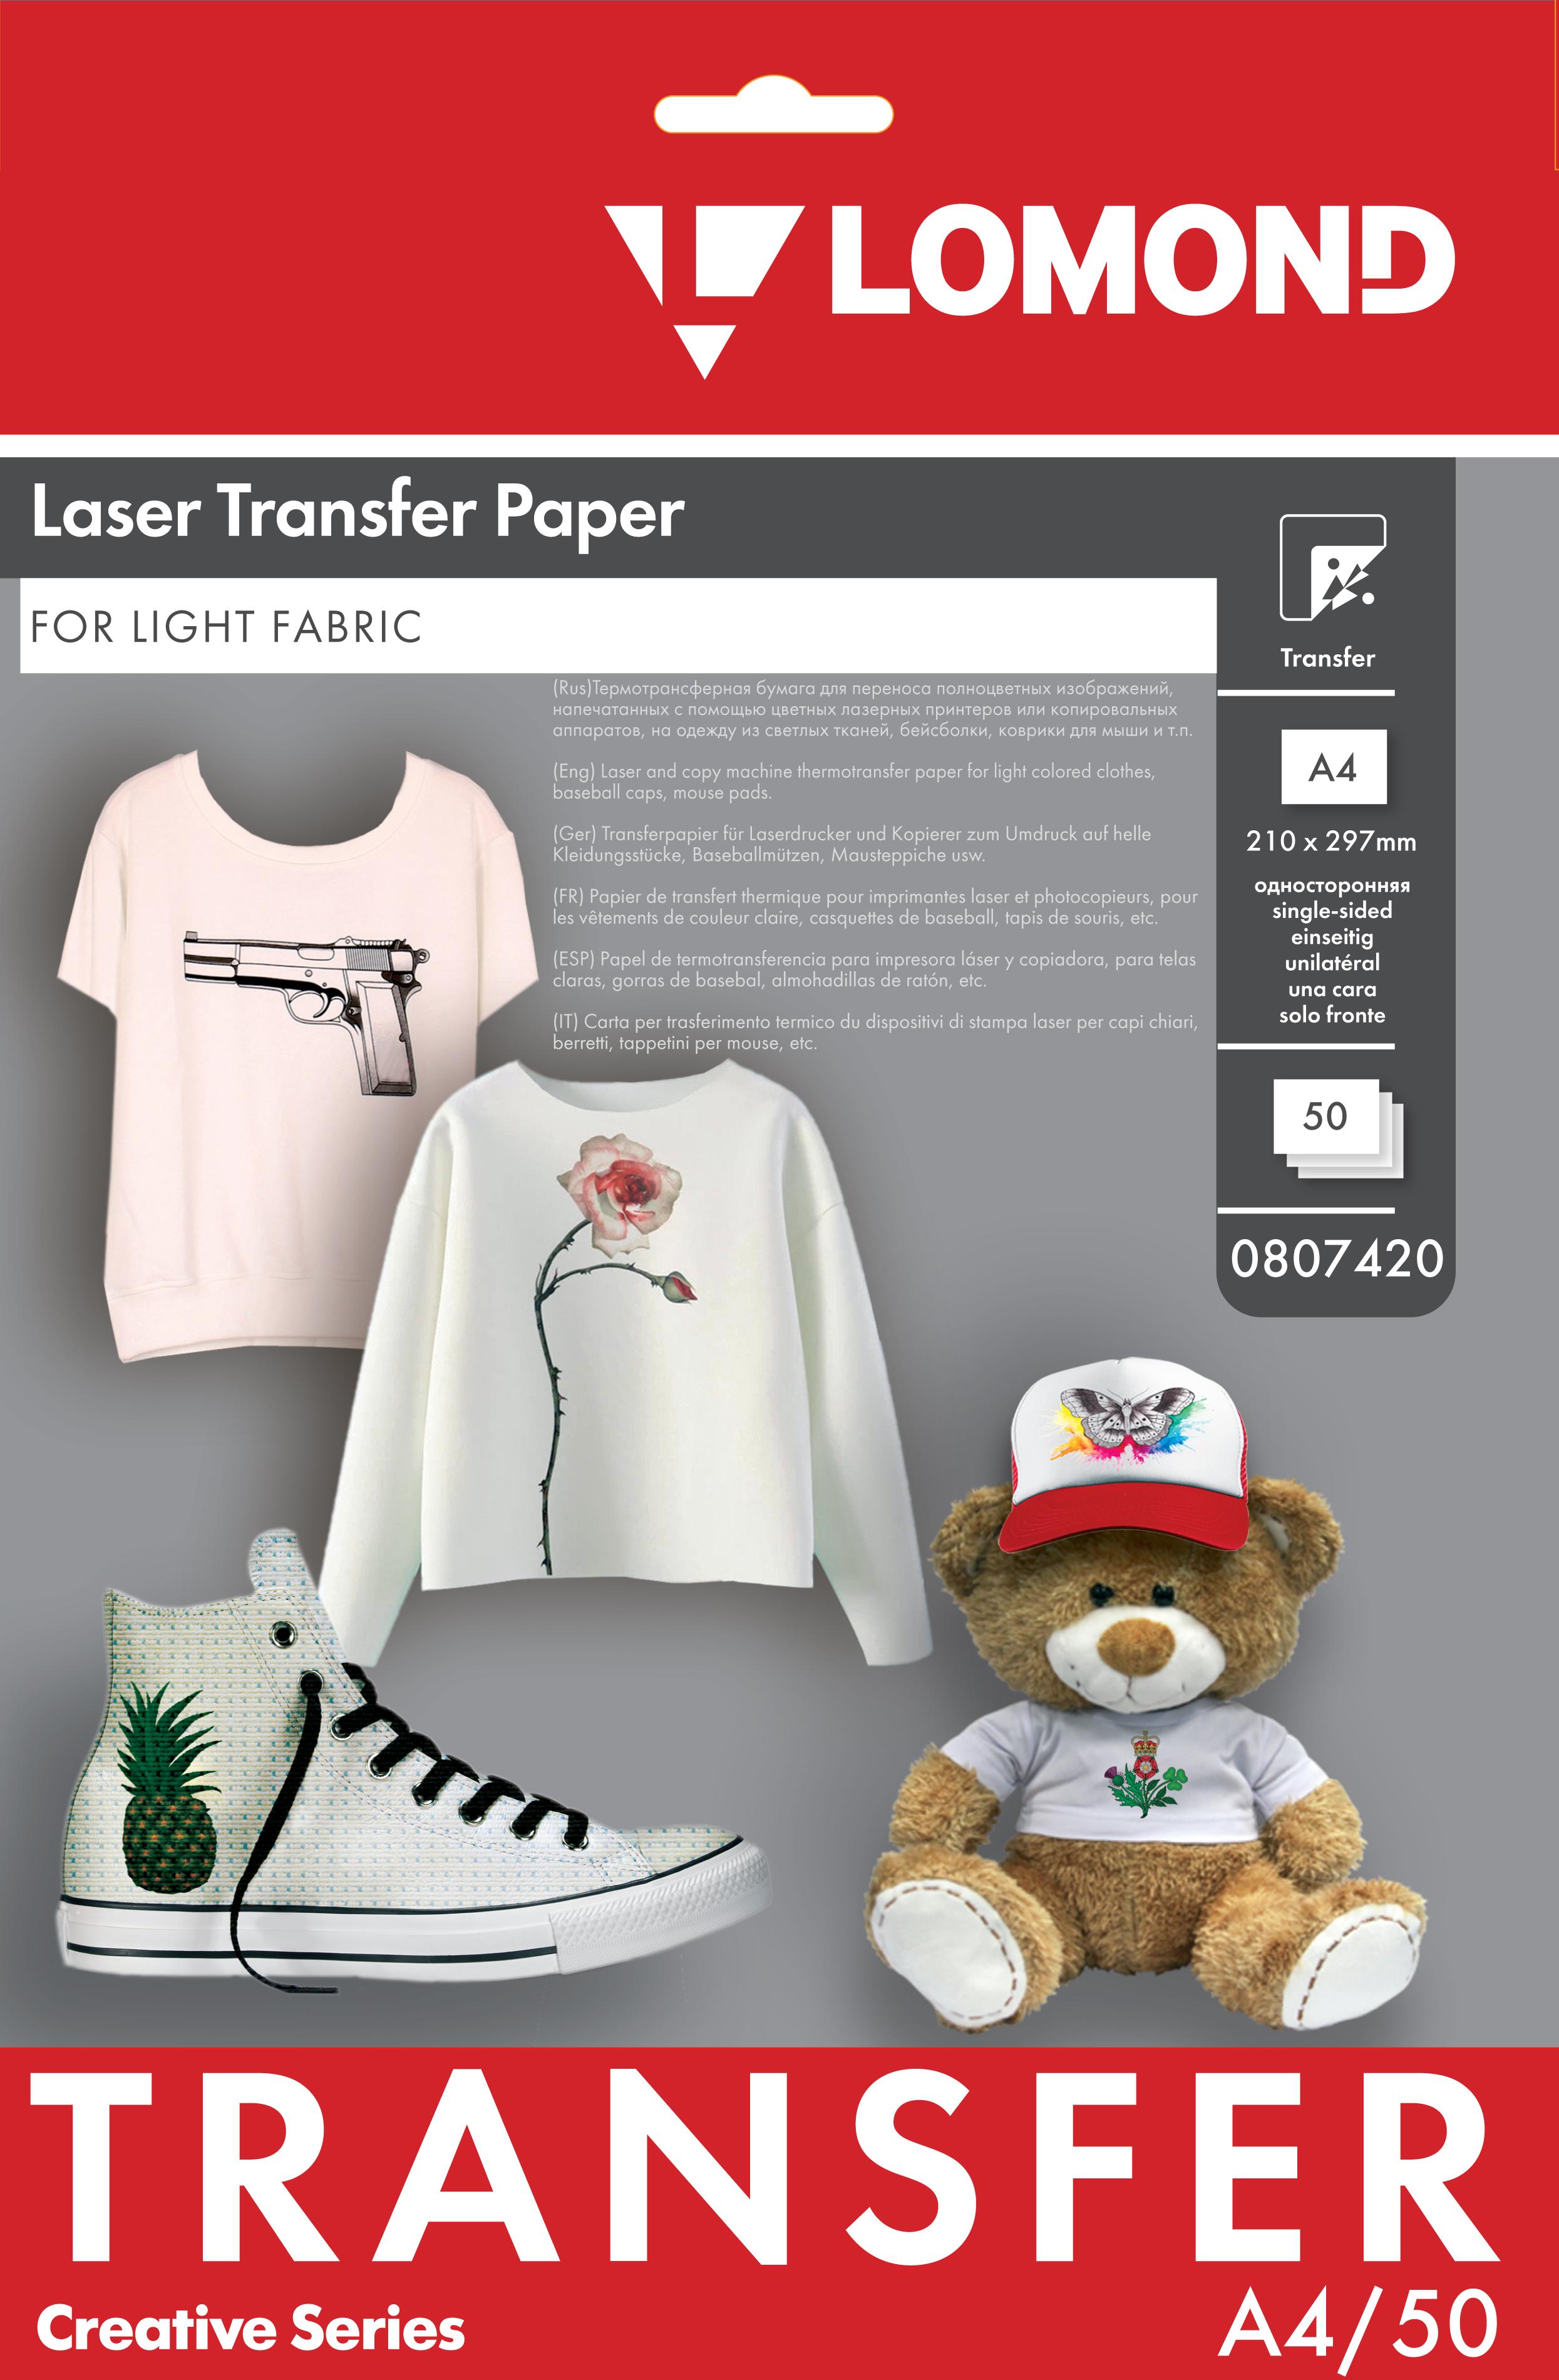 Термотрансфер для светлых тканей, лазерных принтеров.